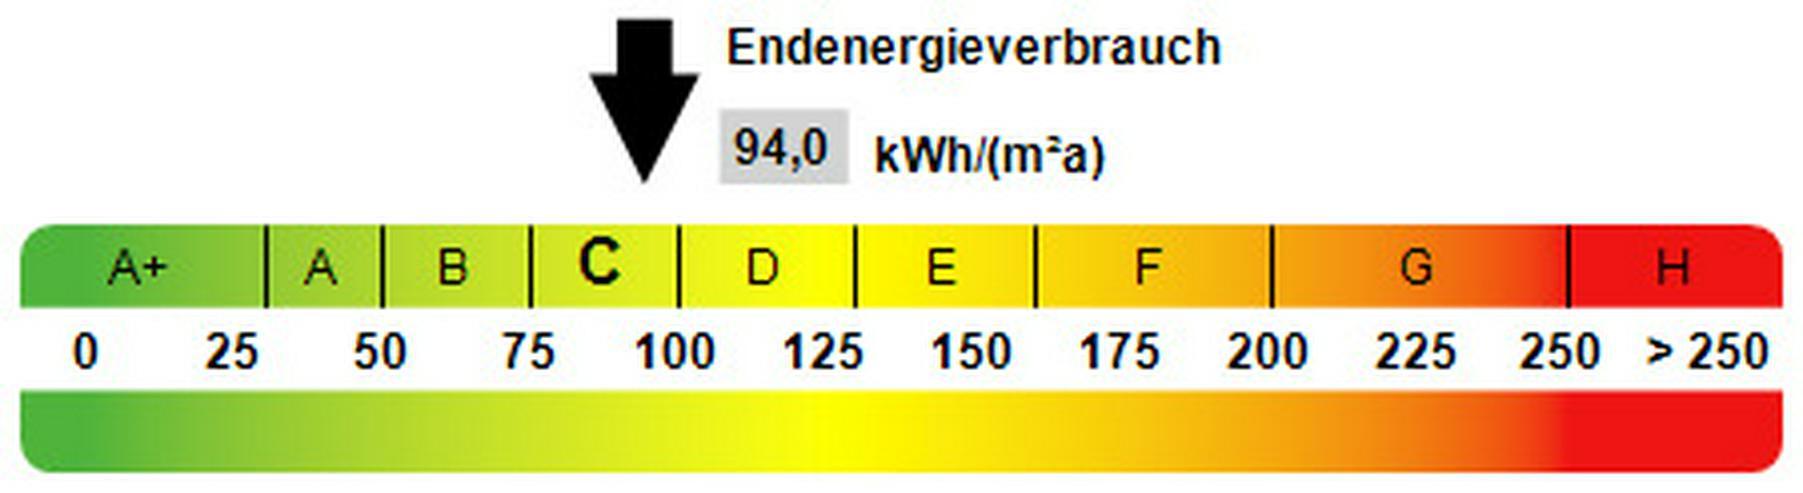 EIGENNUTZUNG - in Bad Dürrenberg - gemütliche helle und freundliche Dachgeschosswohnung - Haus kaufen - Bild 1